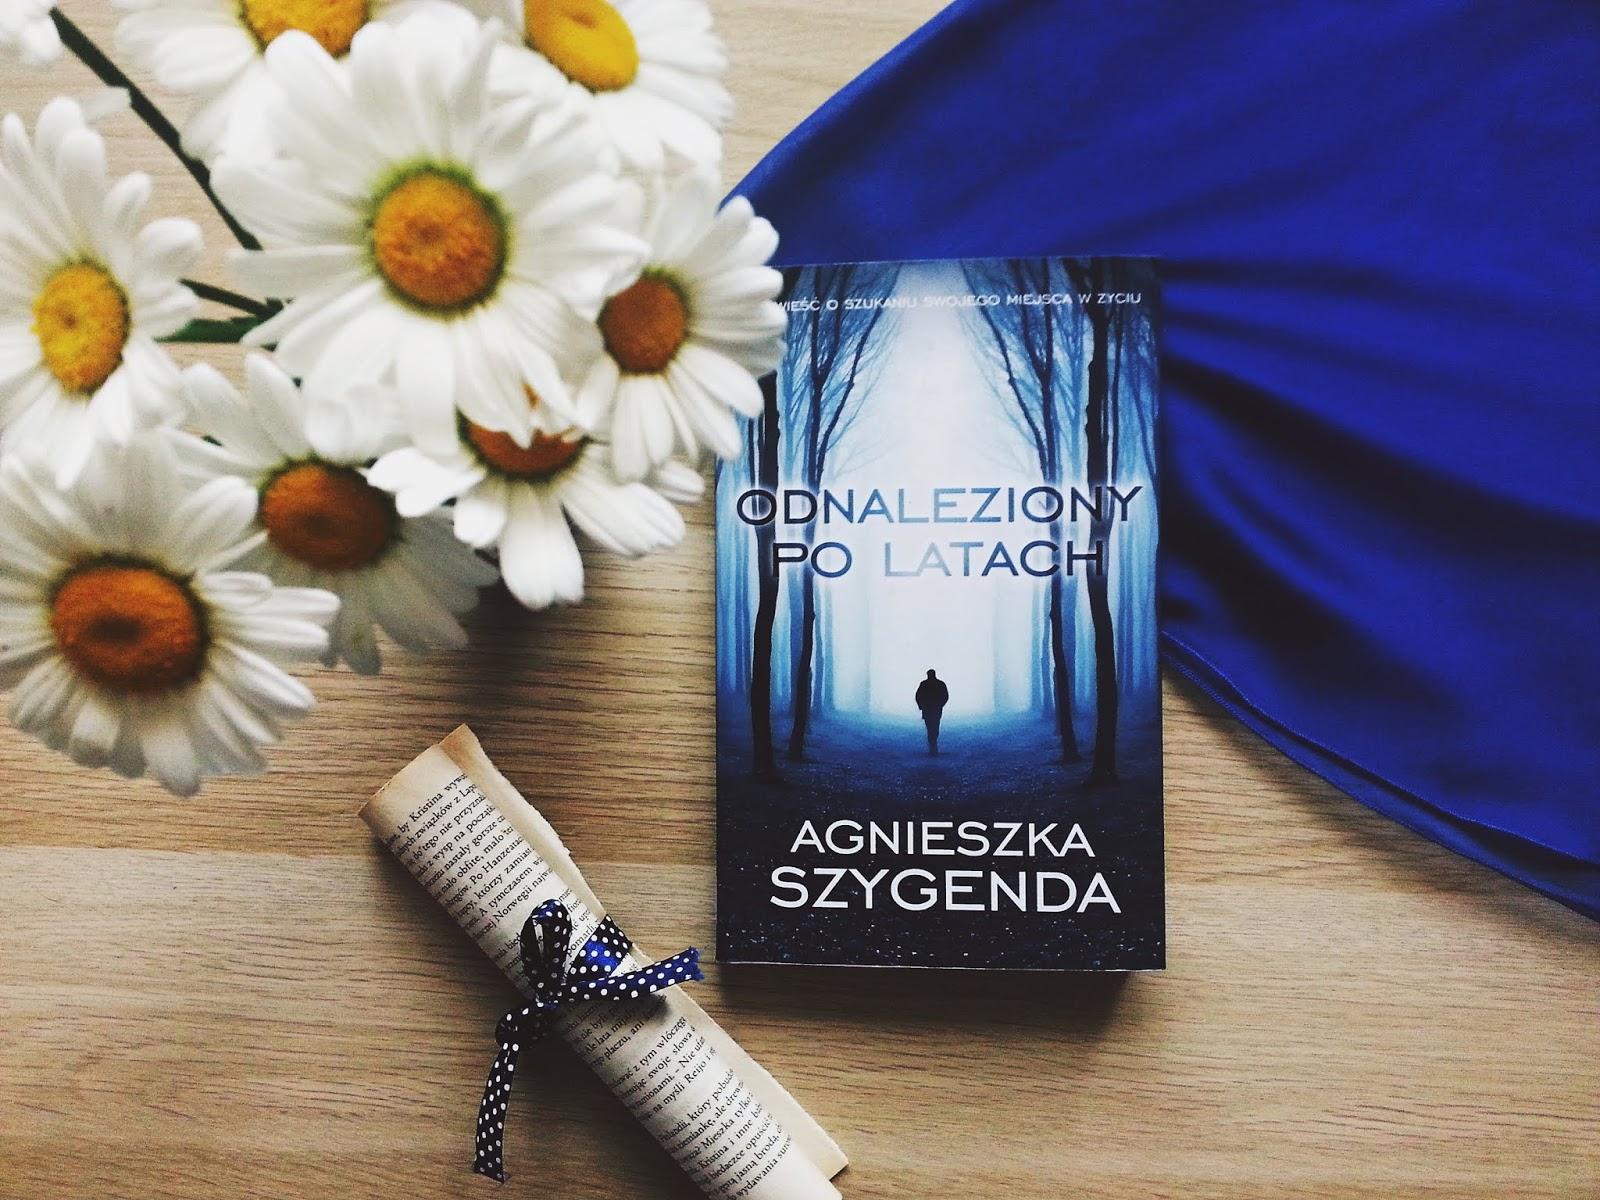 Odnaleziony po latach, książka, recenzja, Agnieszka Szygenda, Edipresse Książki